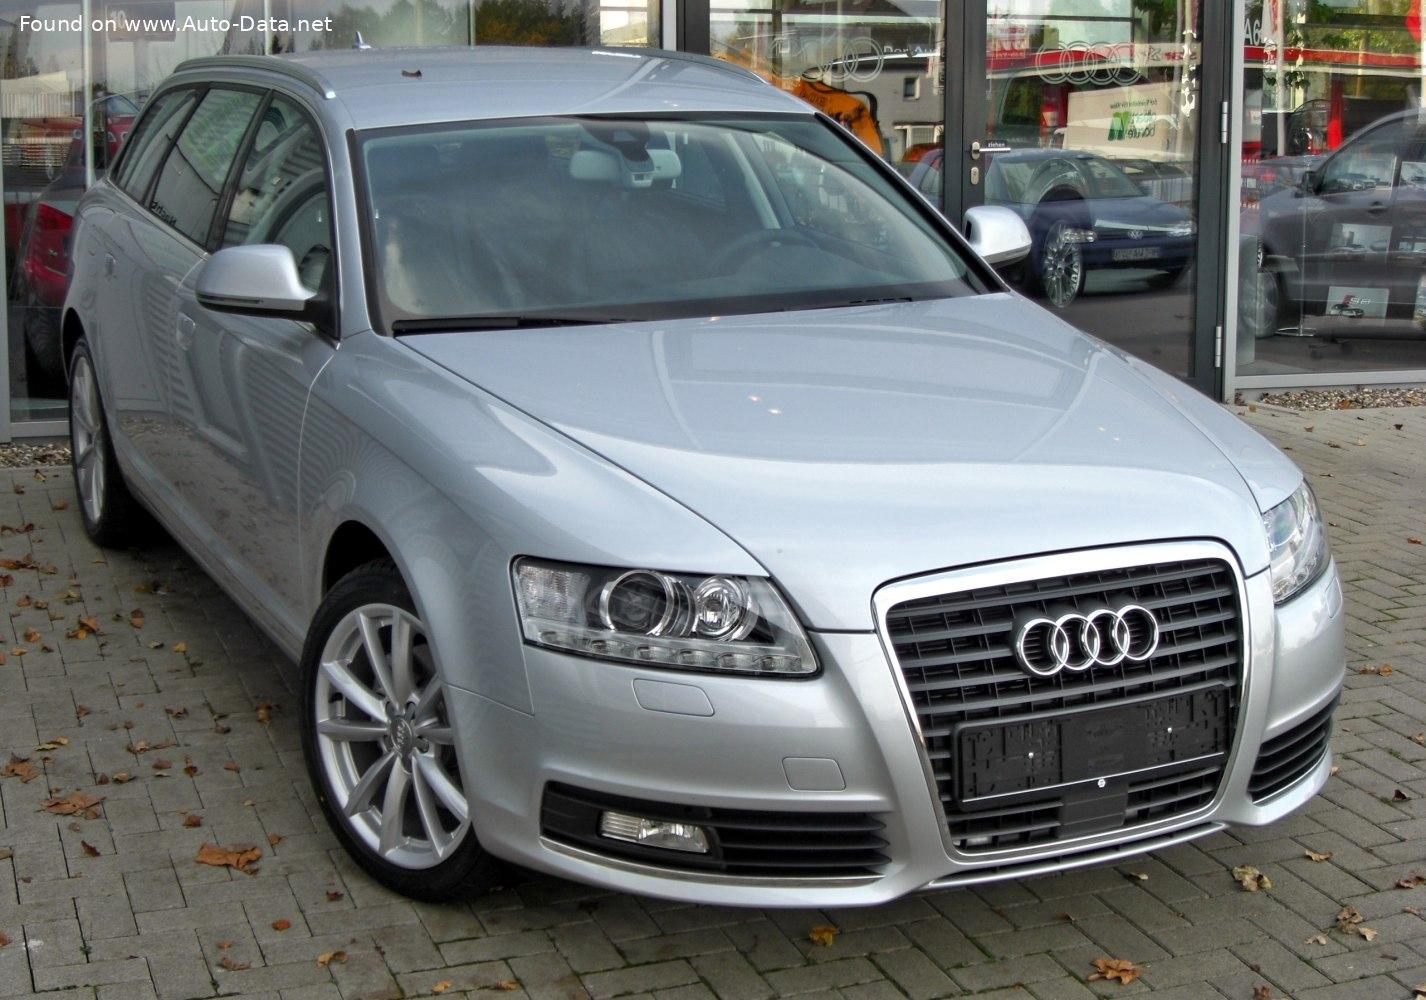 Kelebihan Audi 2.7 Tdi Harga